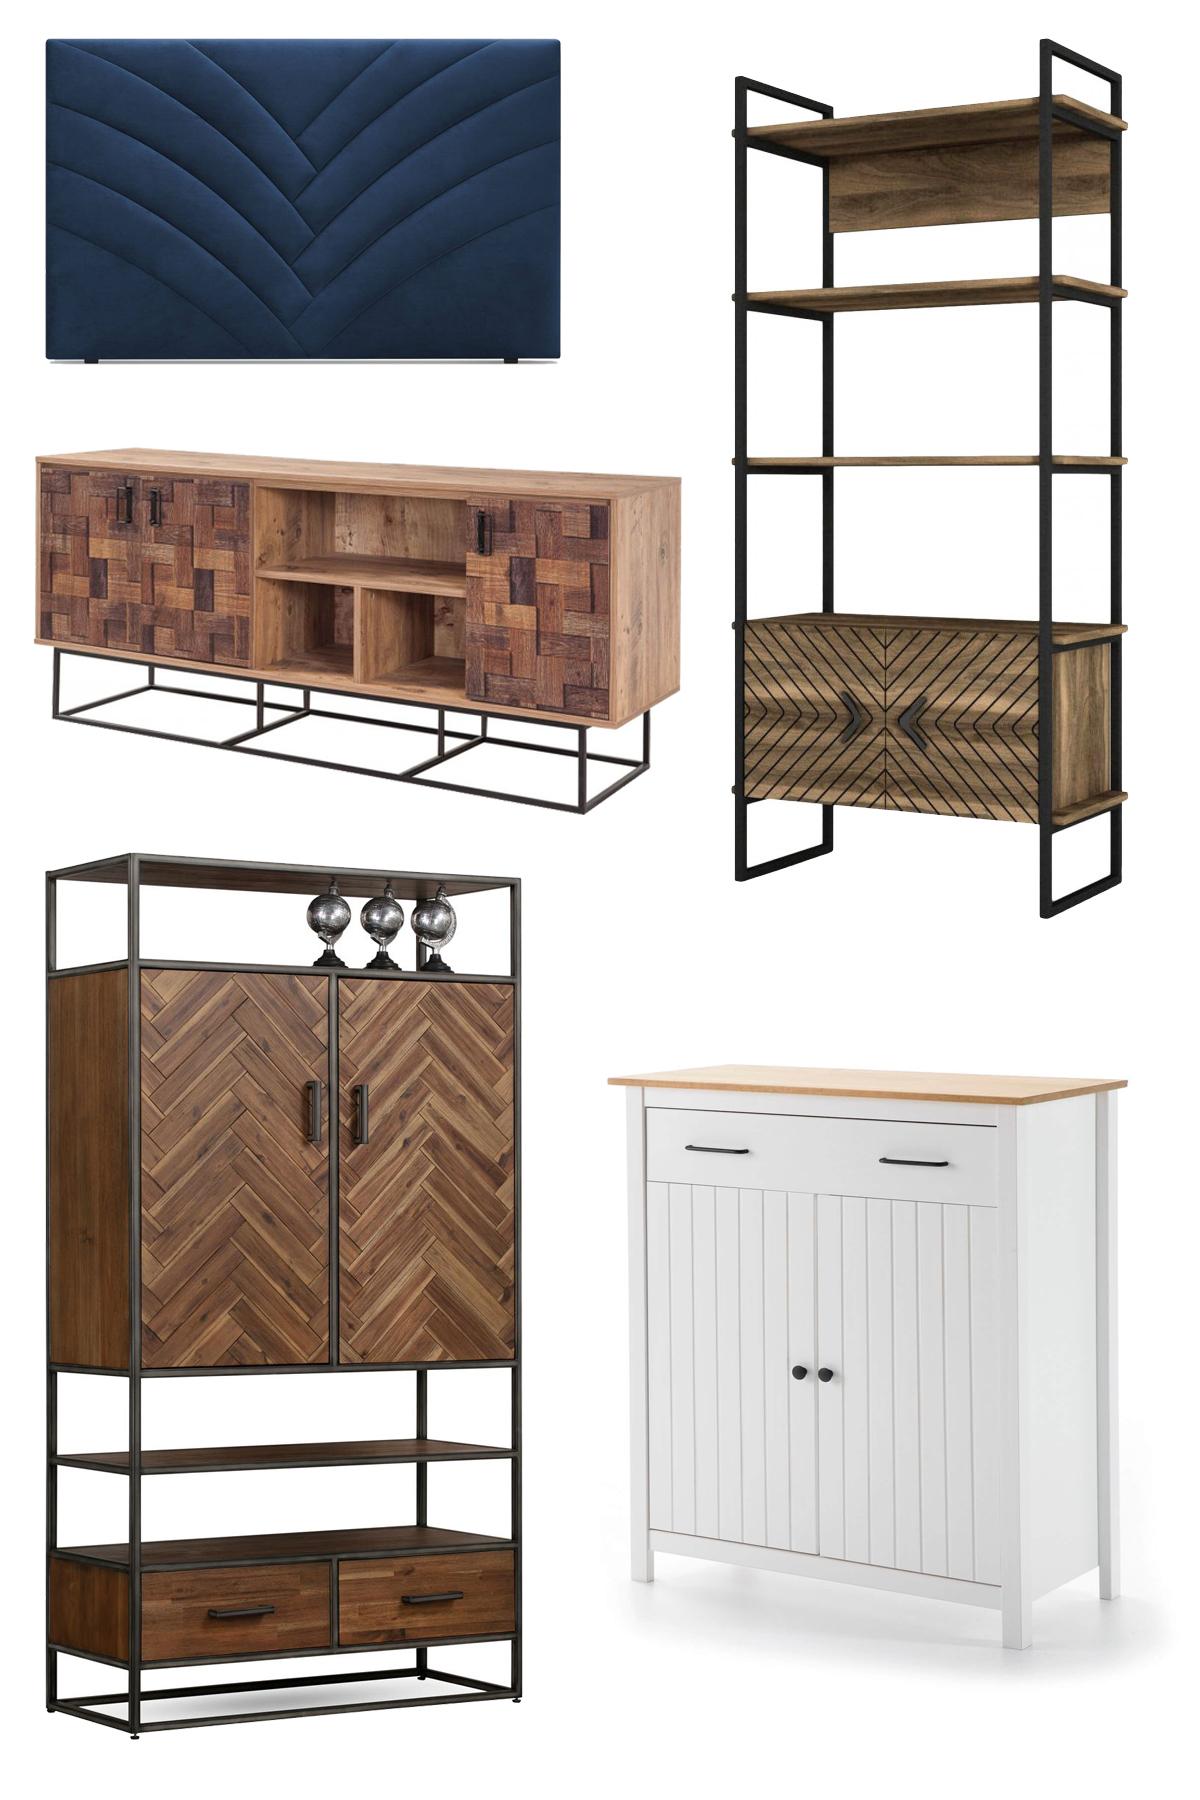 Sélection meubles en relief chevrons stries design Bobochic